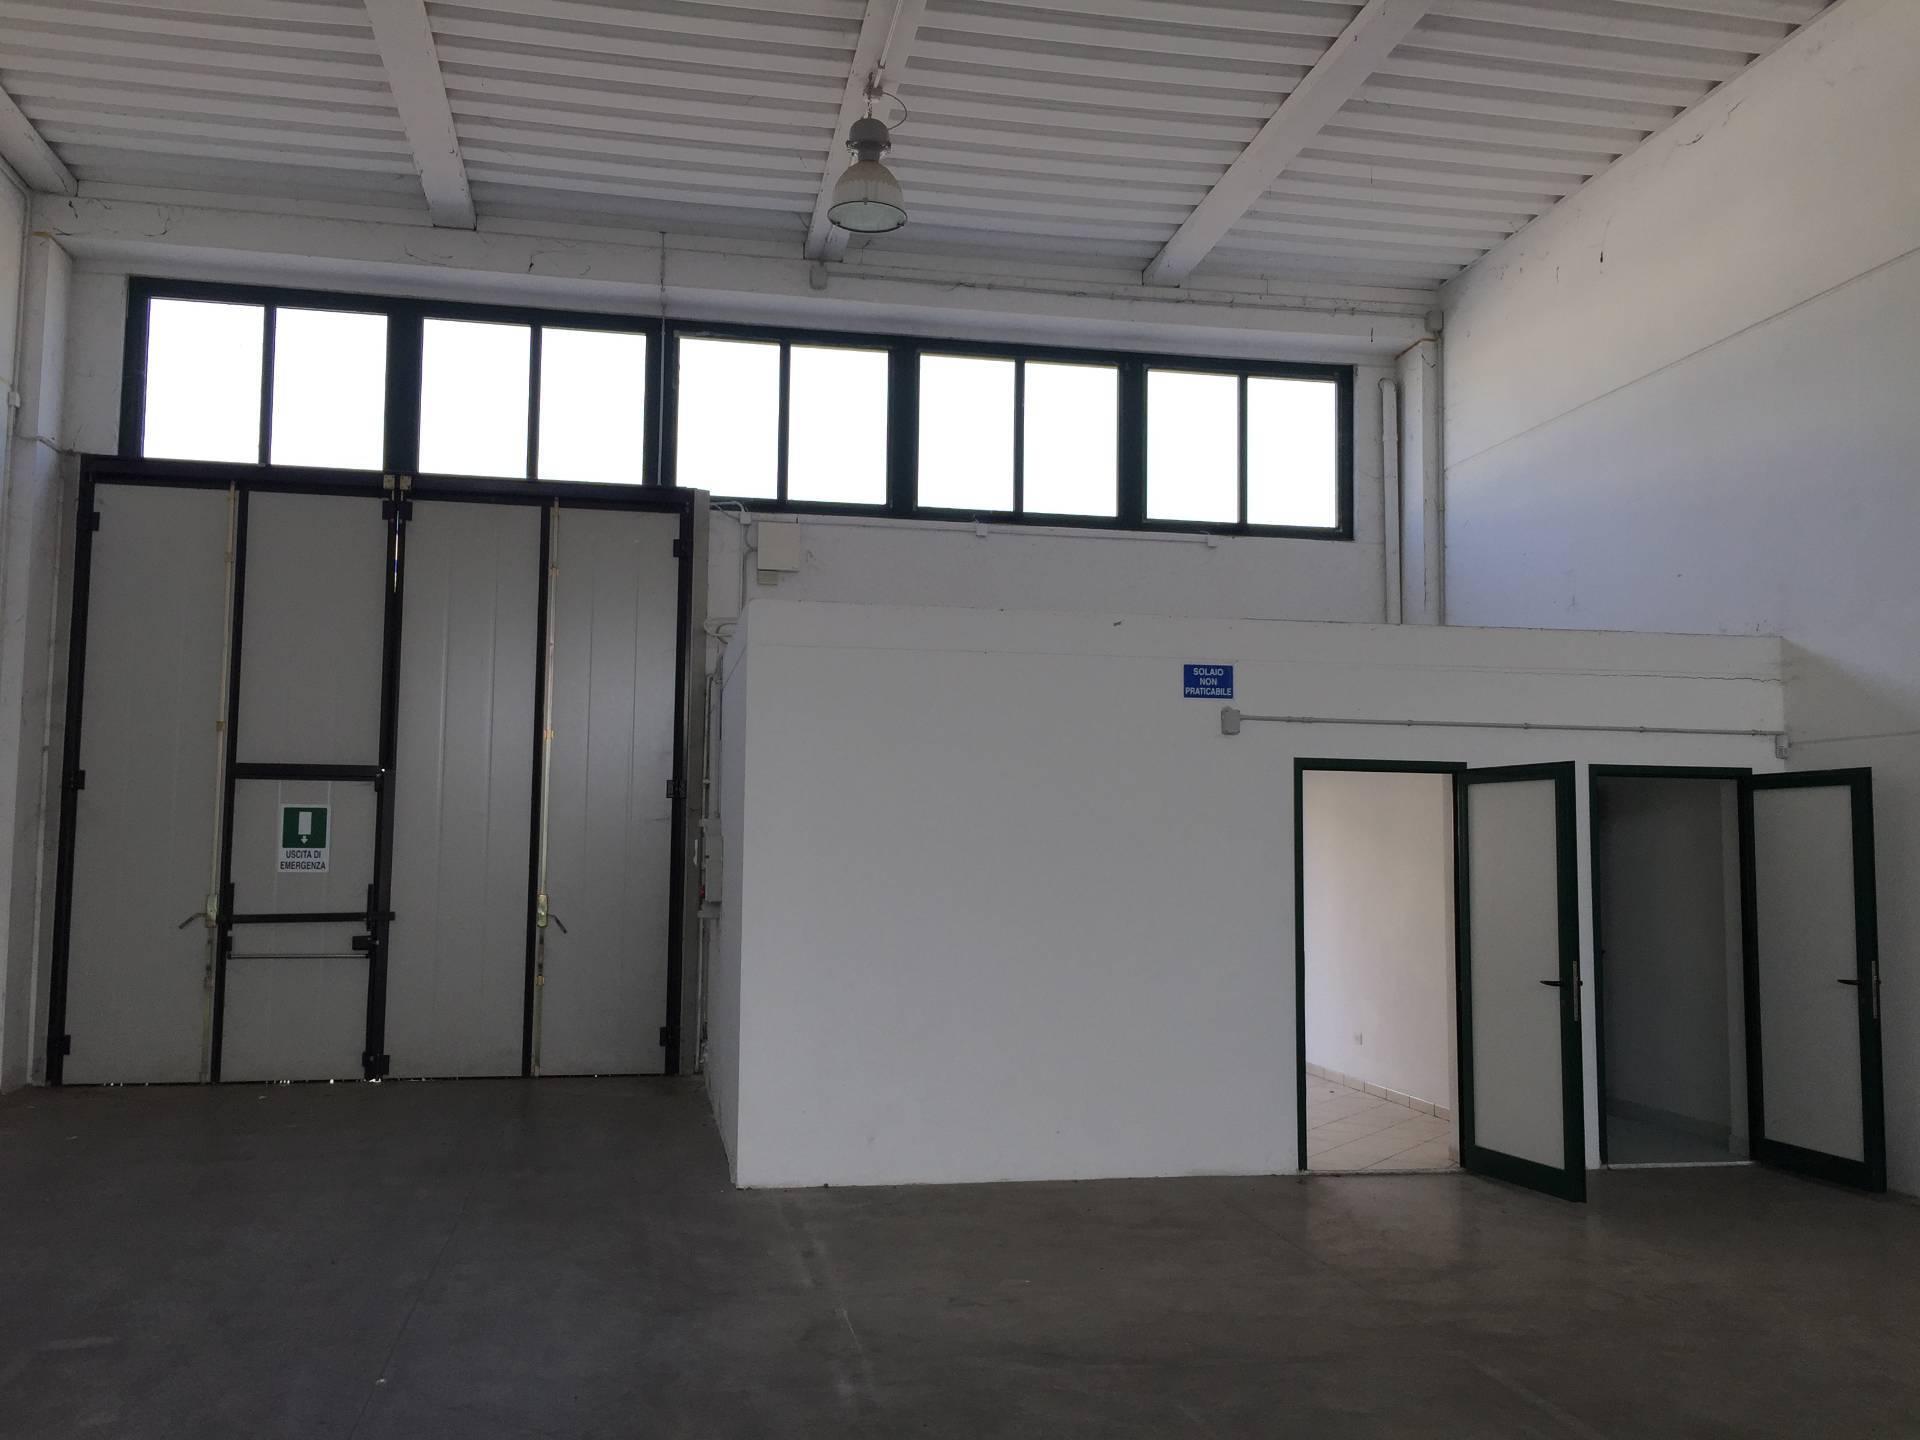 Capannone in vendita a Casale sul Sile, 9999 locali, prezzo € 165.000 | CambioCasa.it